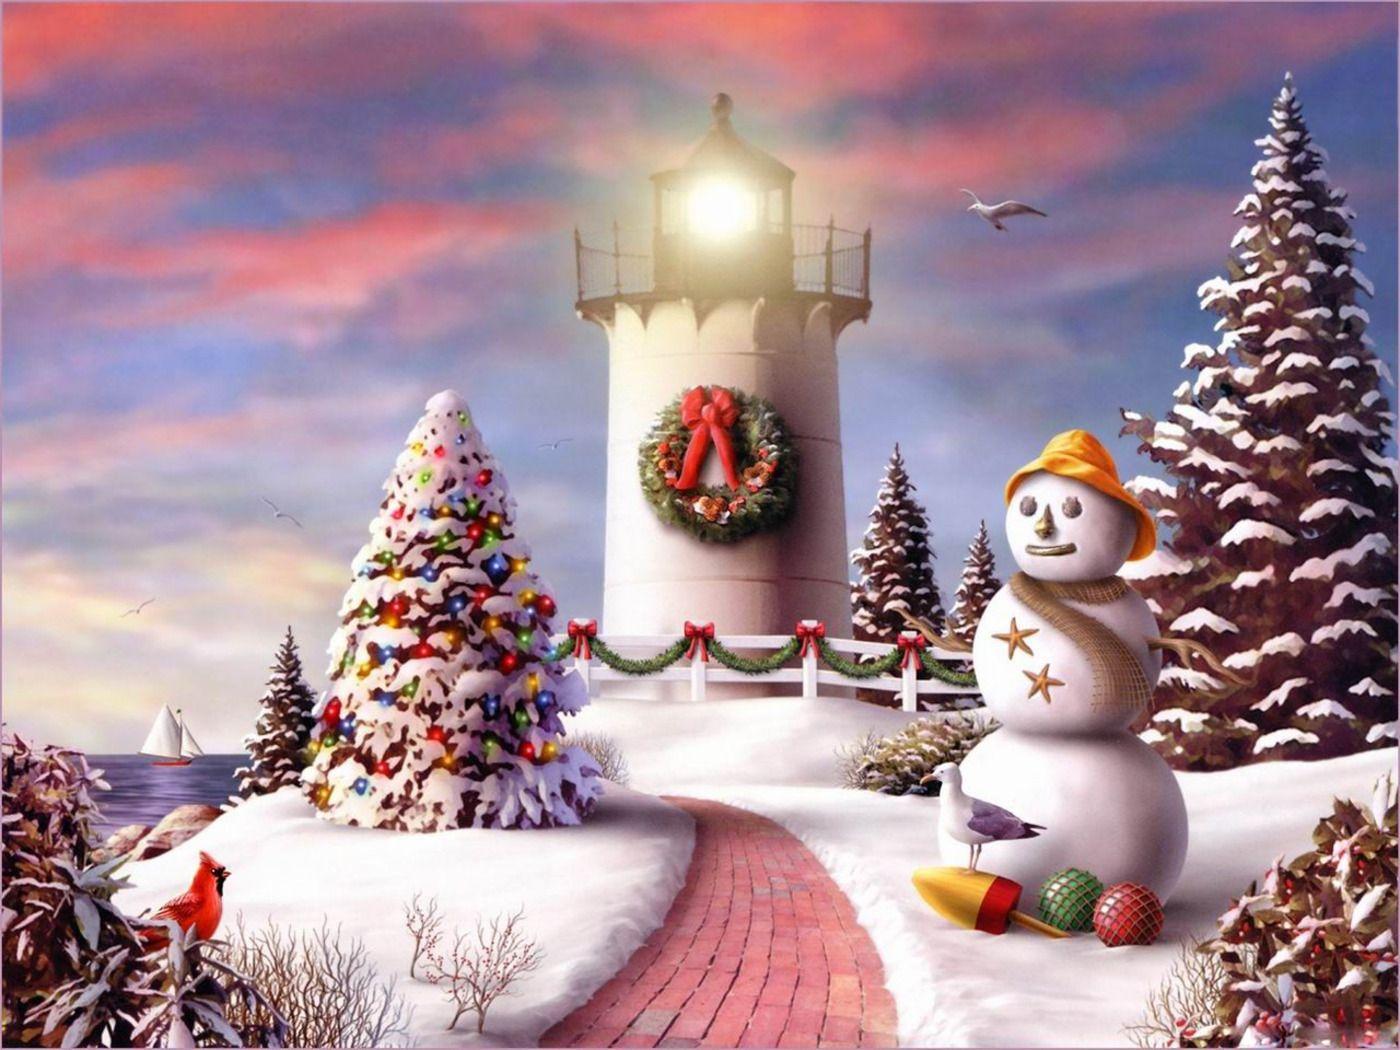 christmas lighthouse art Free Download 2010 Christmas